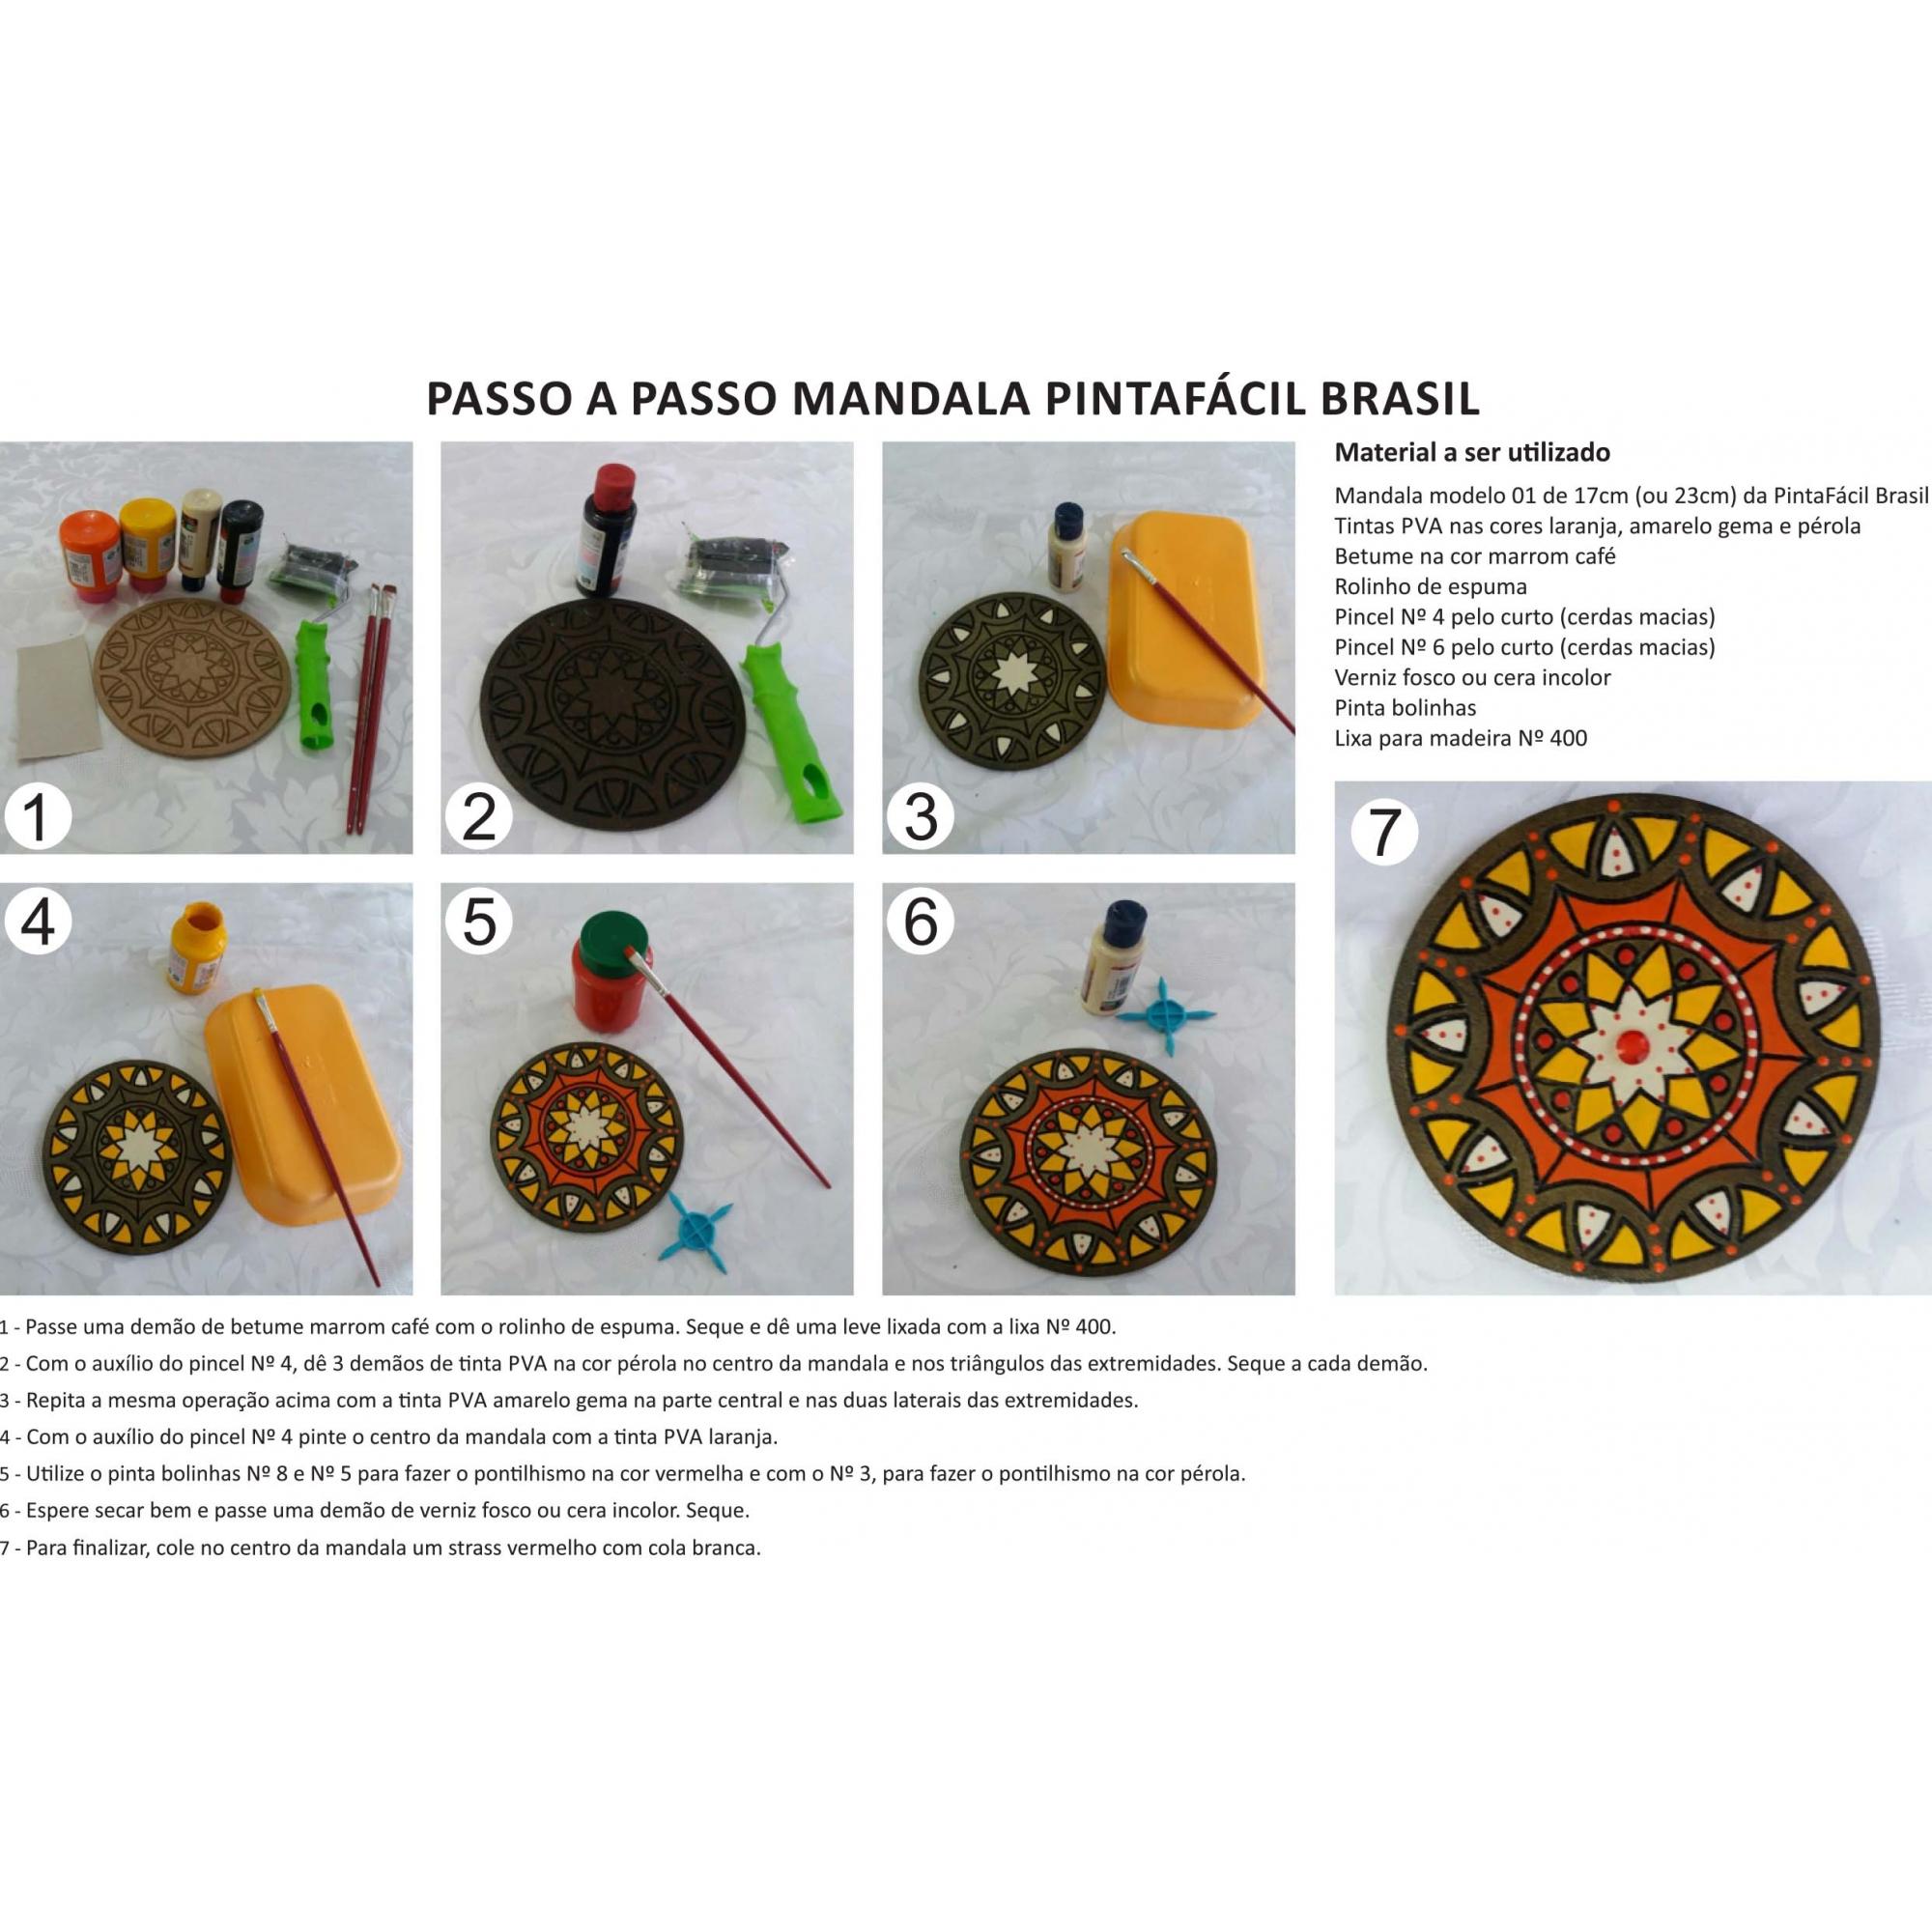 Kit 3 peças Mandala para Espelho Mdf Cru 53cm de Diâmetro para Pintar